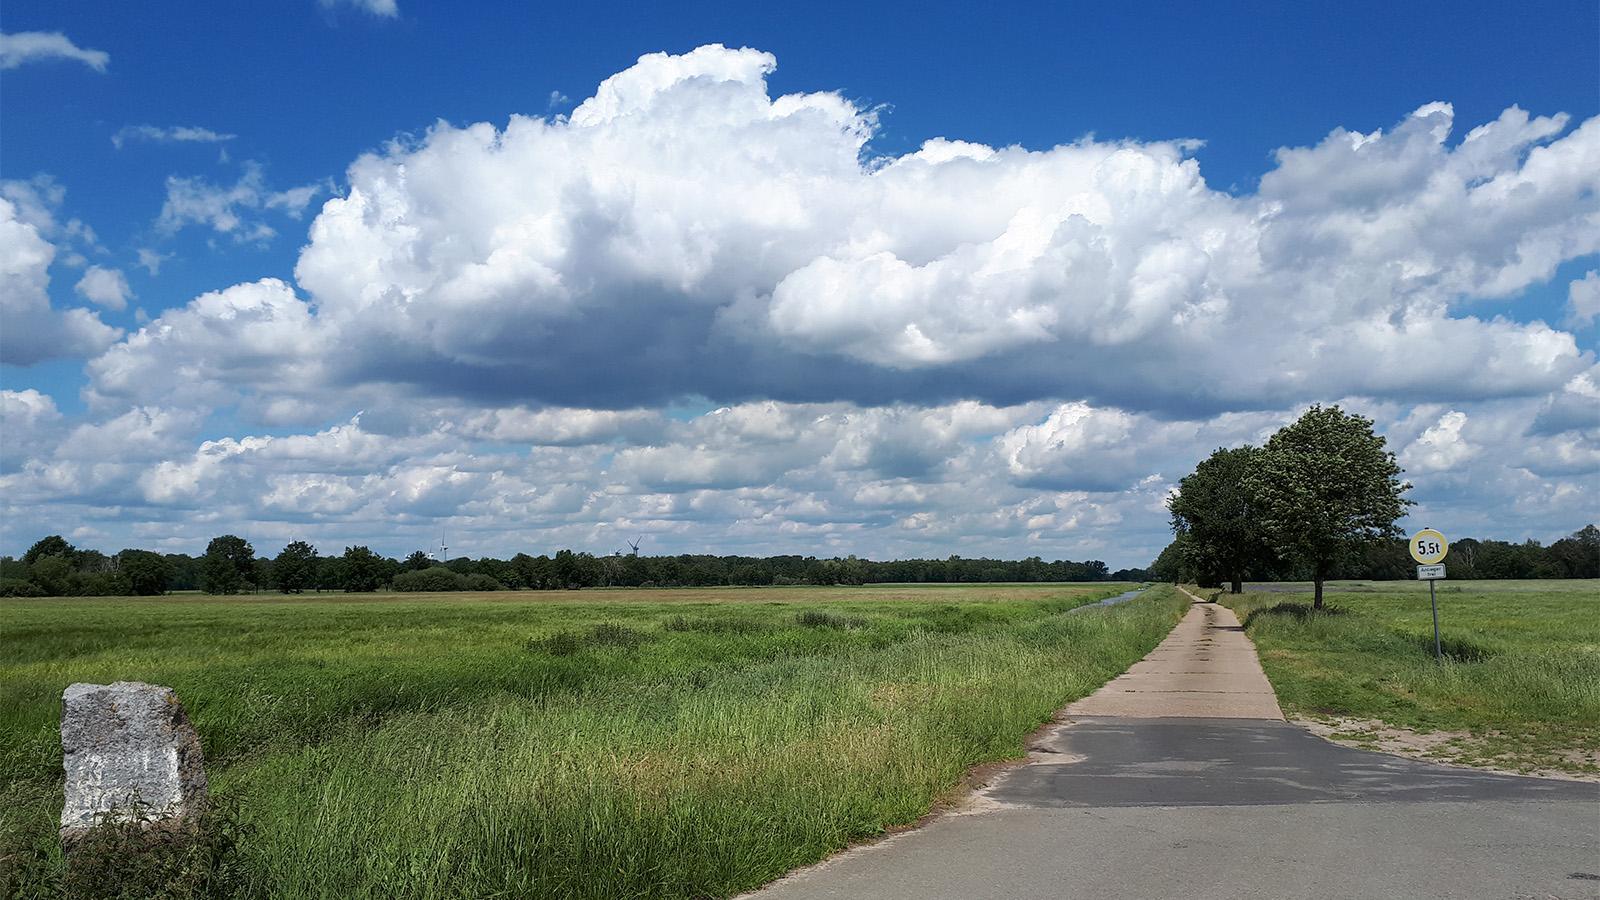 Aussicht am Wendlandrundweg mit dramatischen Wolken